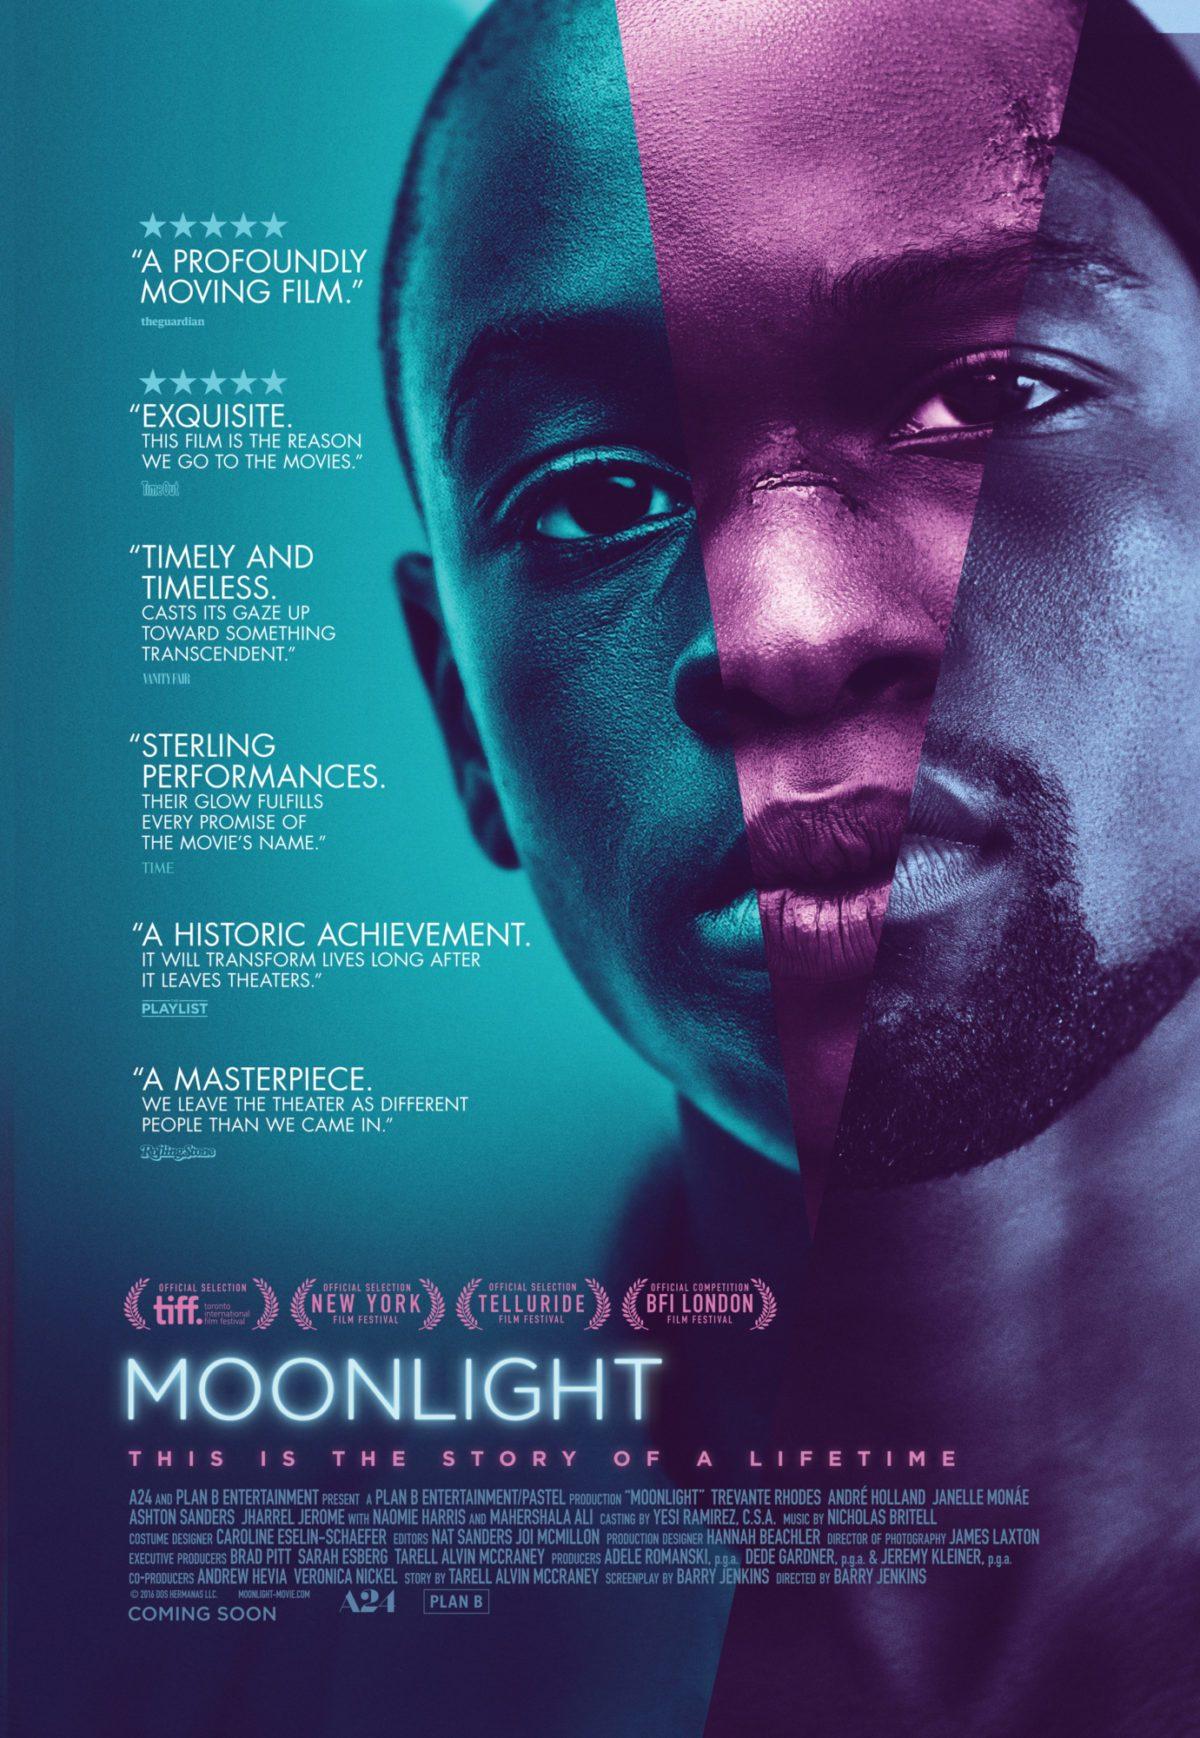 Moonlight 170823 172710